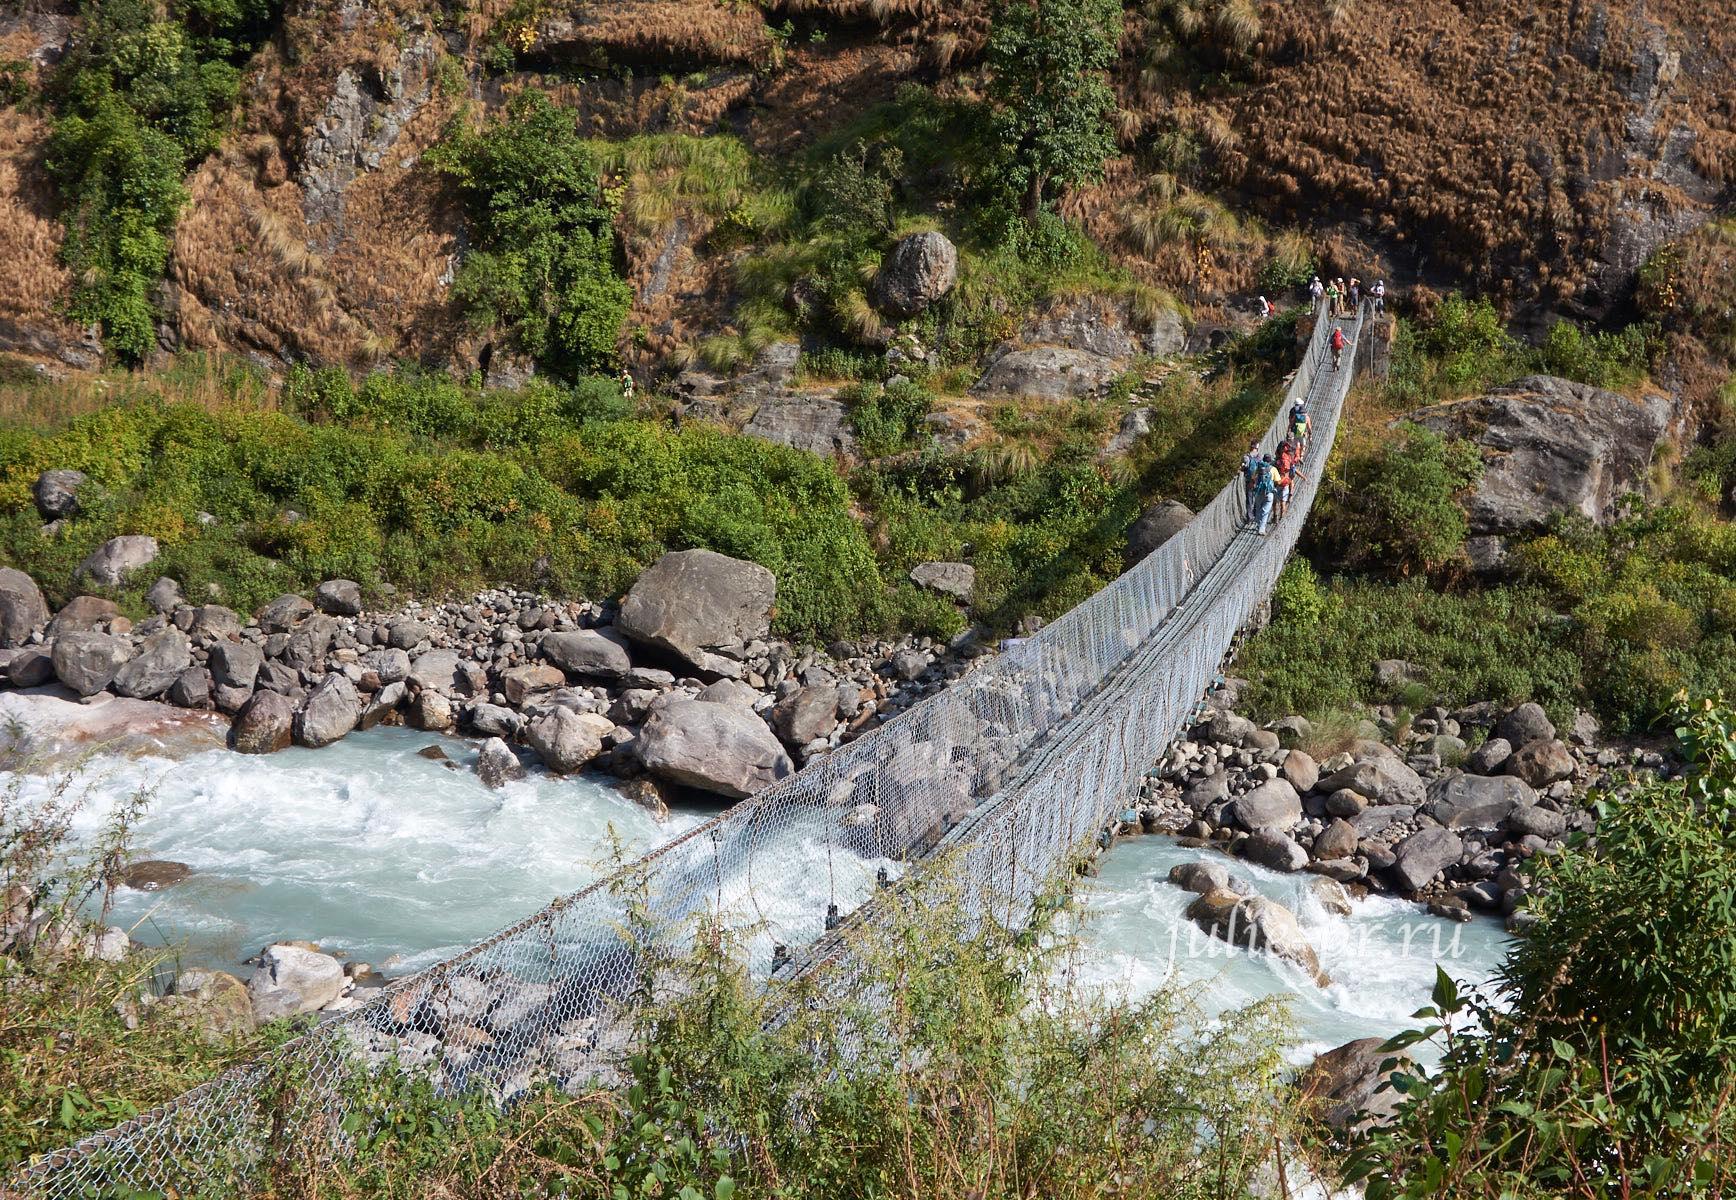 Непал, Трек вокруг Аннапурны, Река Марсъянди, подвесной мост